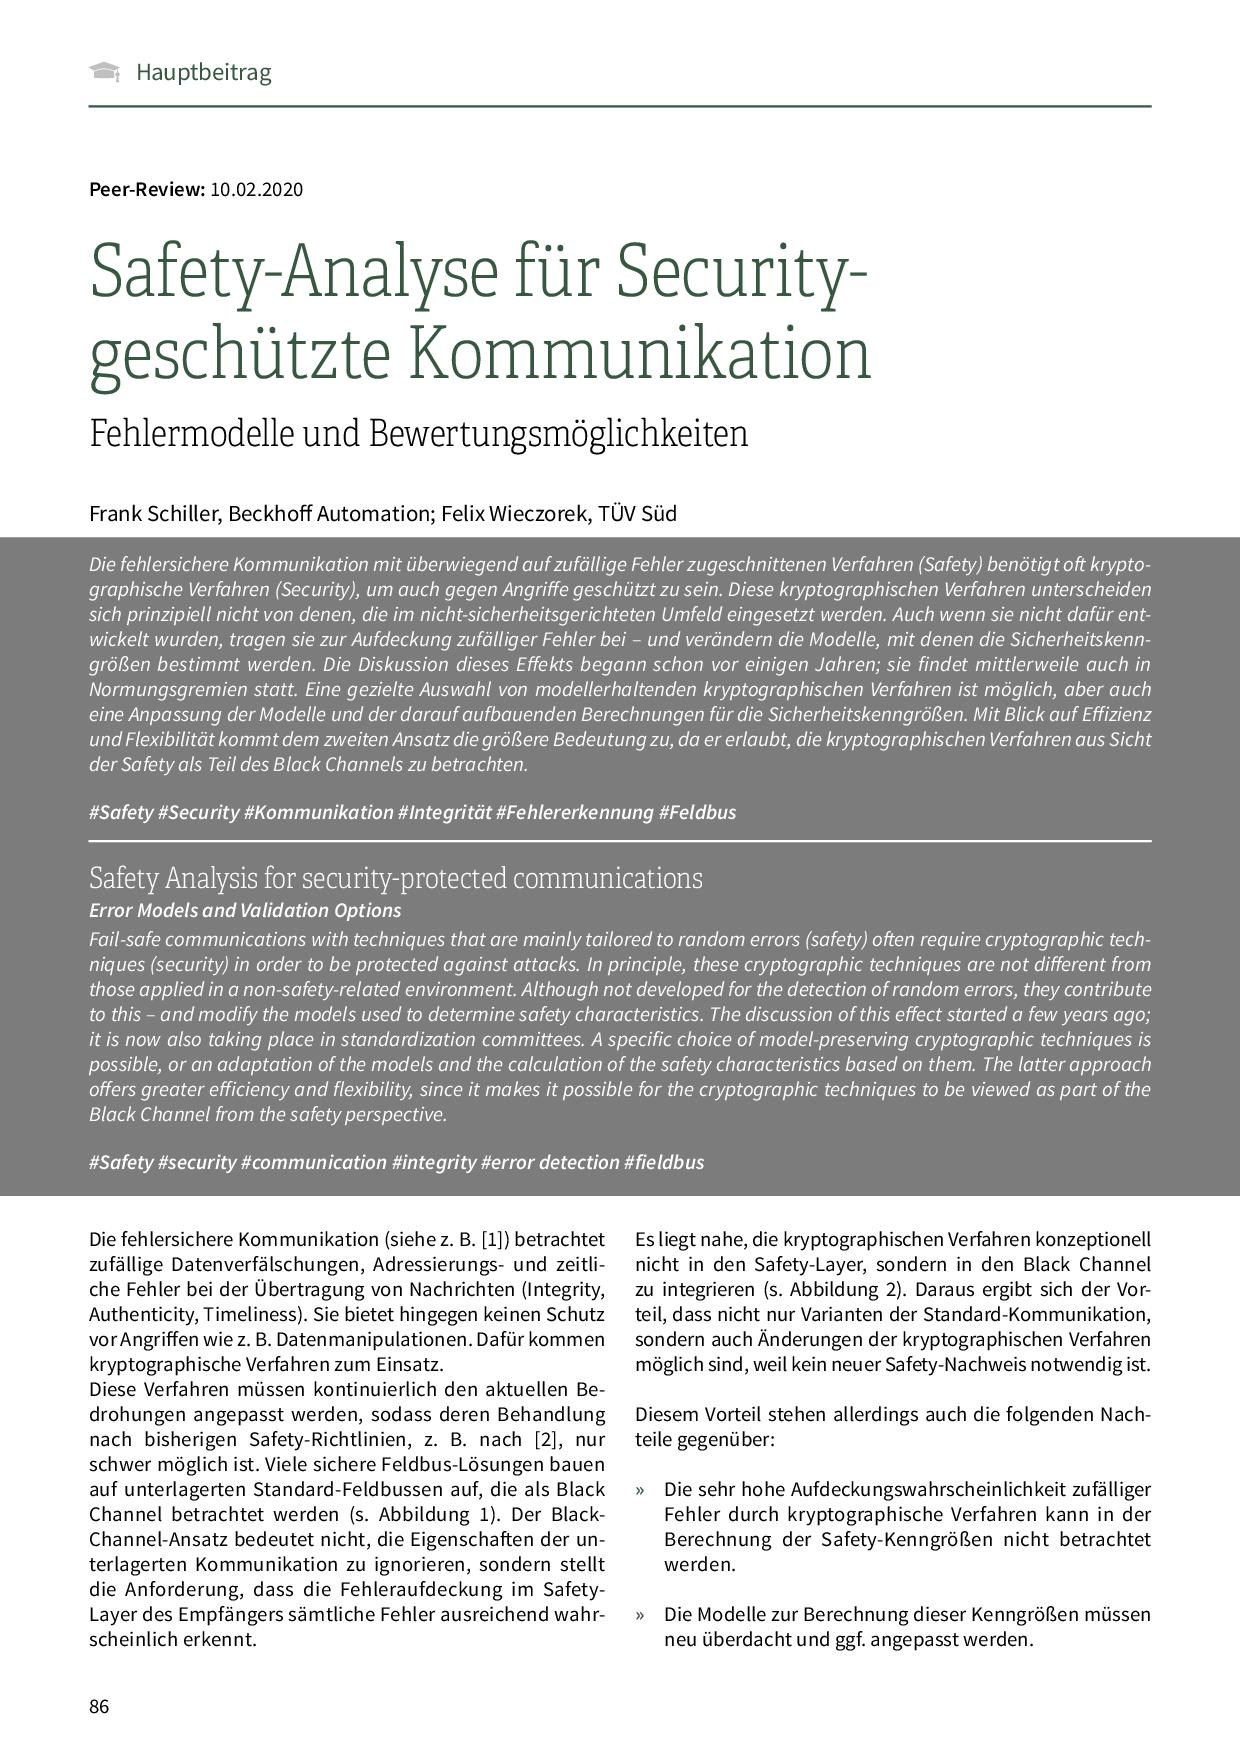 Safety-Analyse für Security-geschützte Kommunikation